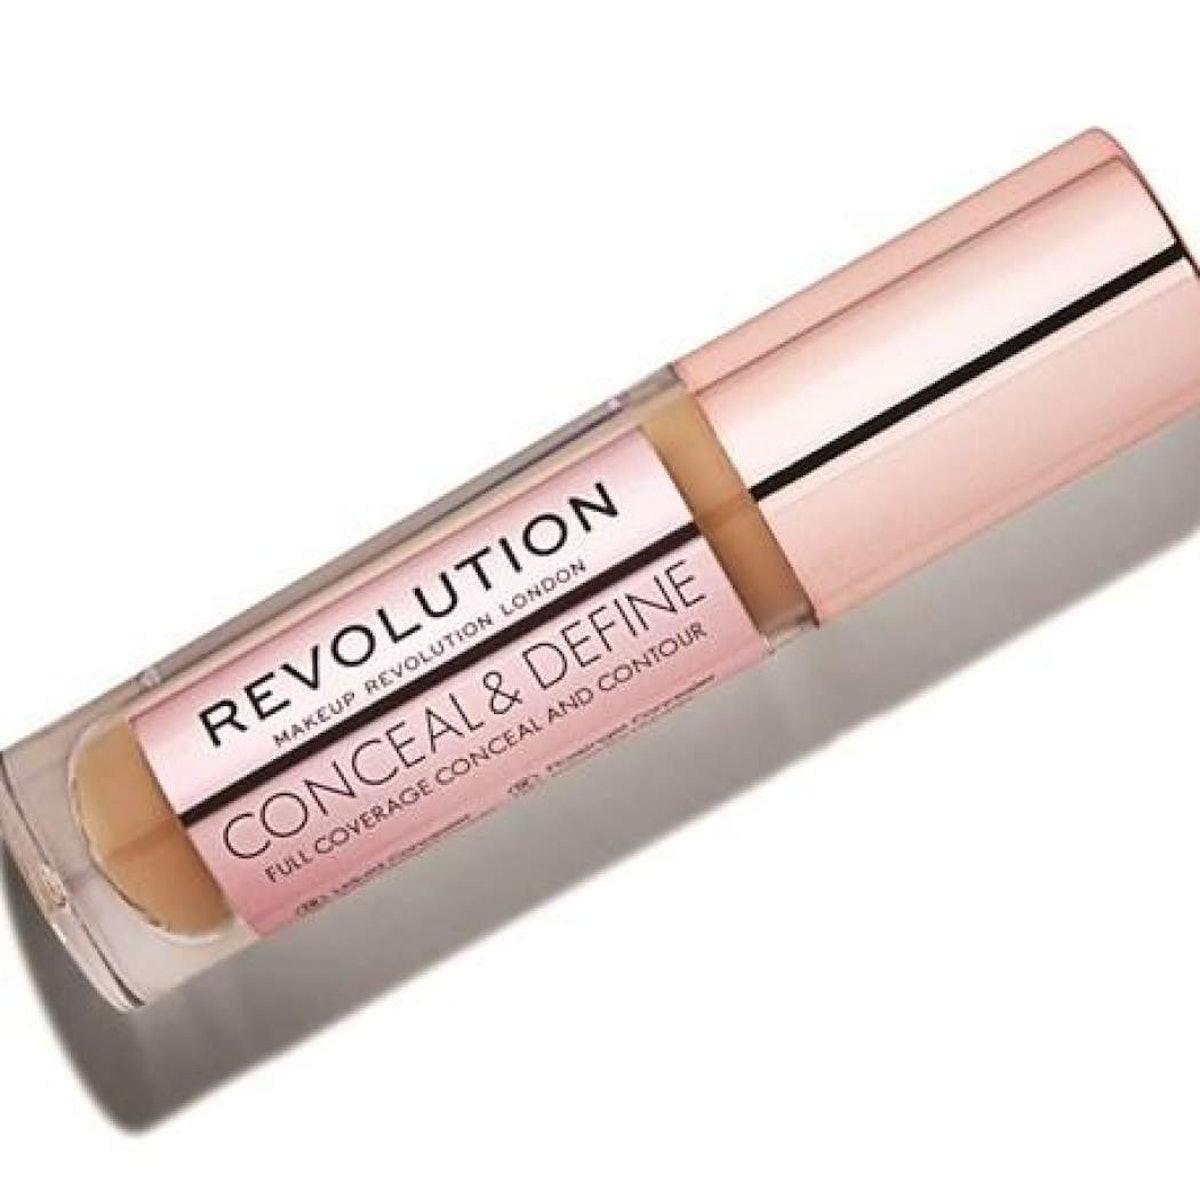 Makeup Revolution Conceal & Define Concealer Full Coverage Concealer